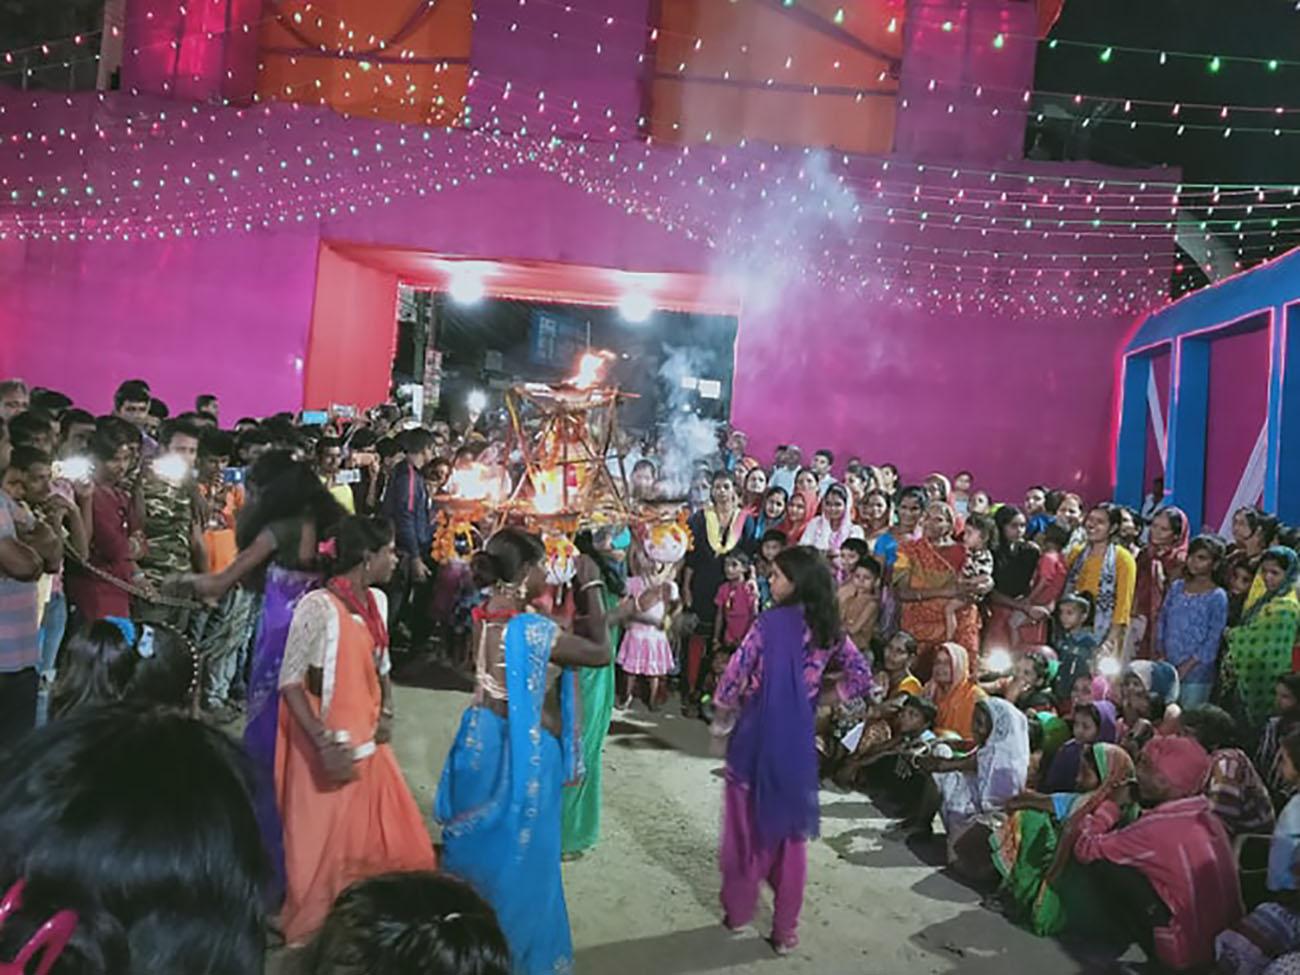 झिझियामय मिथिला : गाउँदेखि शहरसम्म महिलाहरूको अद्भुत नृत्य 'झिझिया'